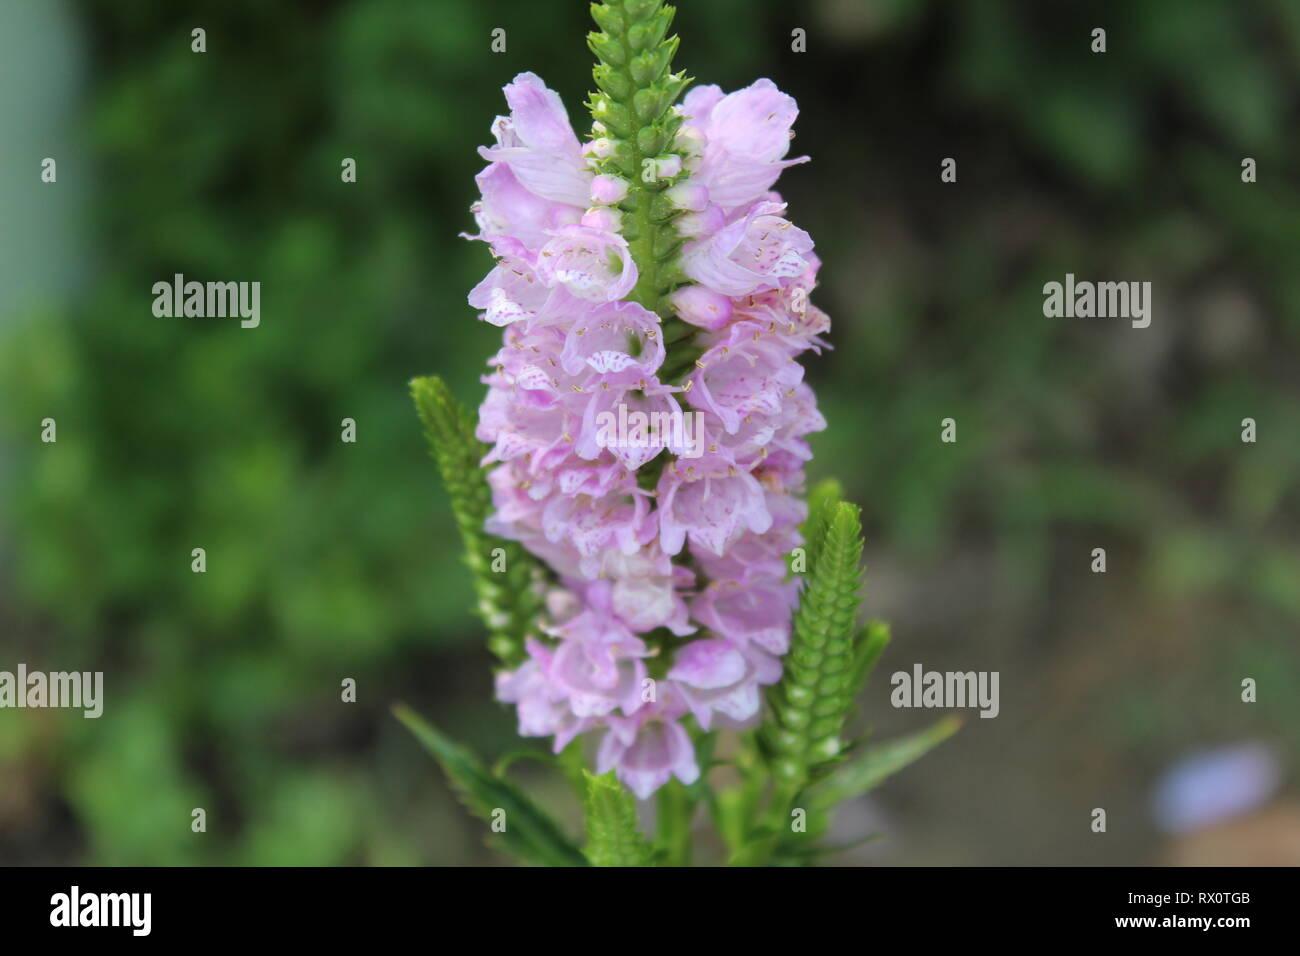 Physostegia AKA Obedient Plant - Stock Image